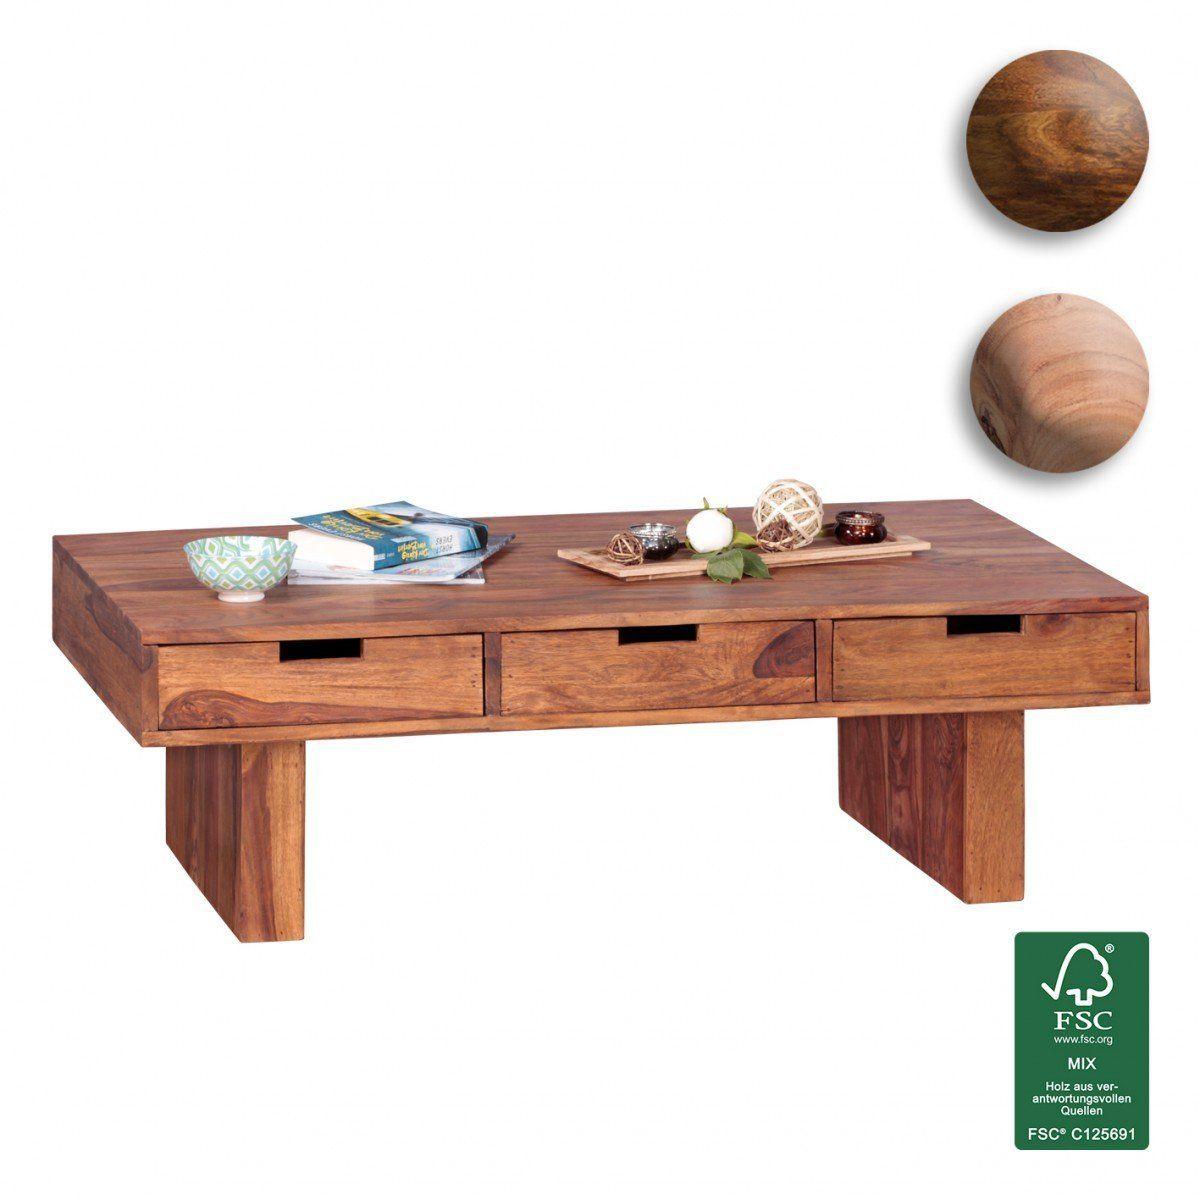 Finebuy Couchtisch Massivholz Design Wohnzimmer Tisch 110 X 60 Cm 3 Schubladen Landhaus Stil Holztisch Rechteckig Na Couchtisch Massivholz Couchtisch Holztisch